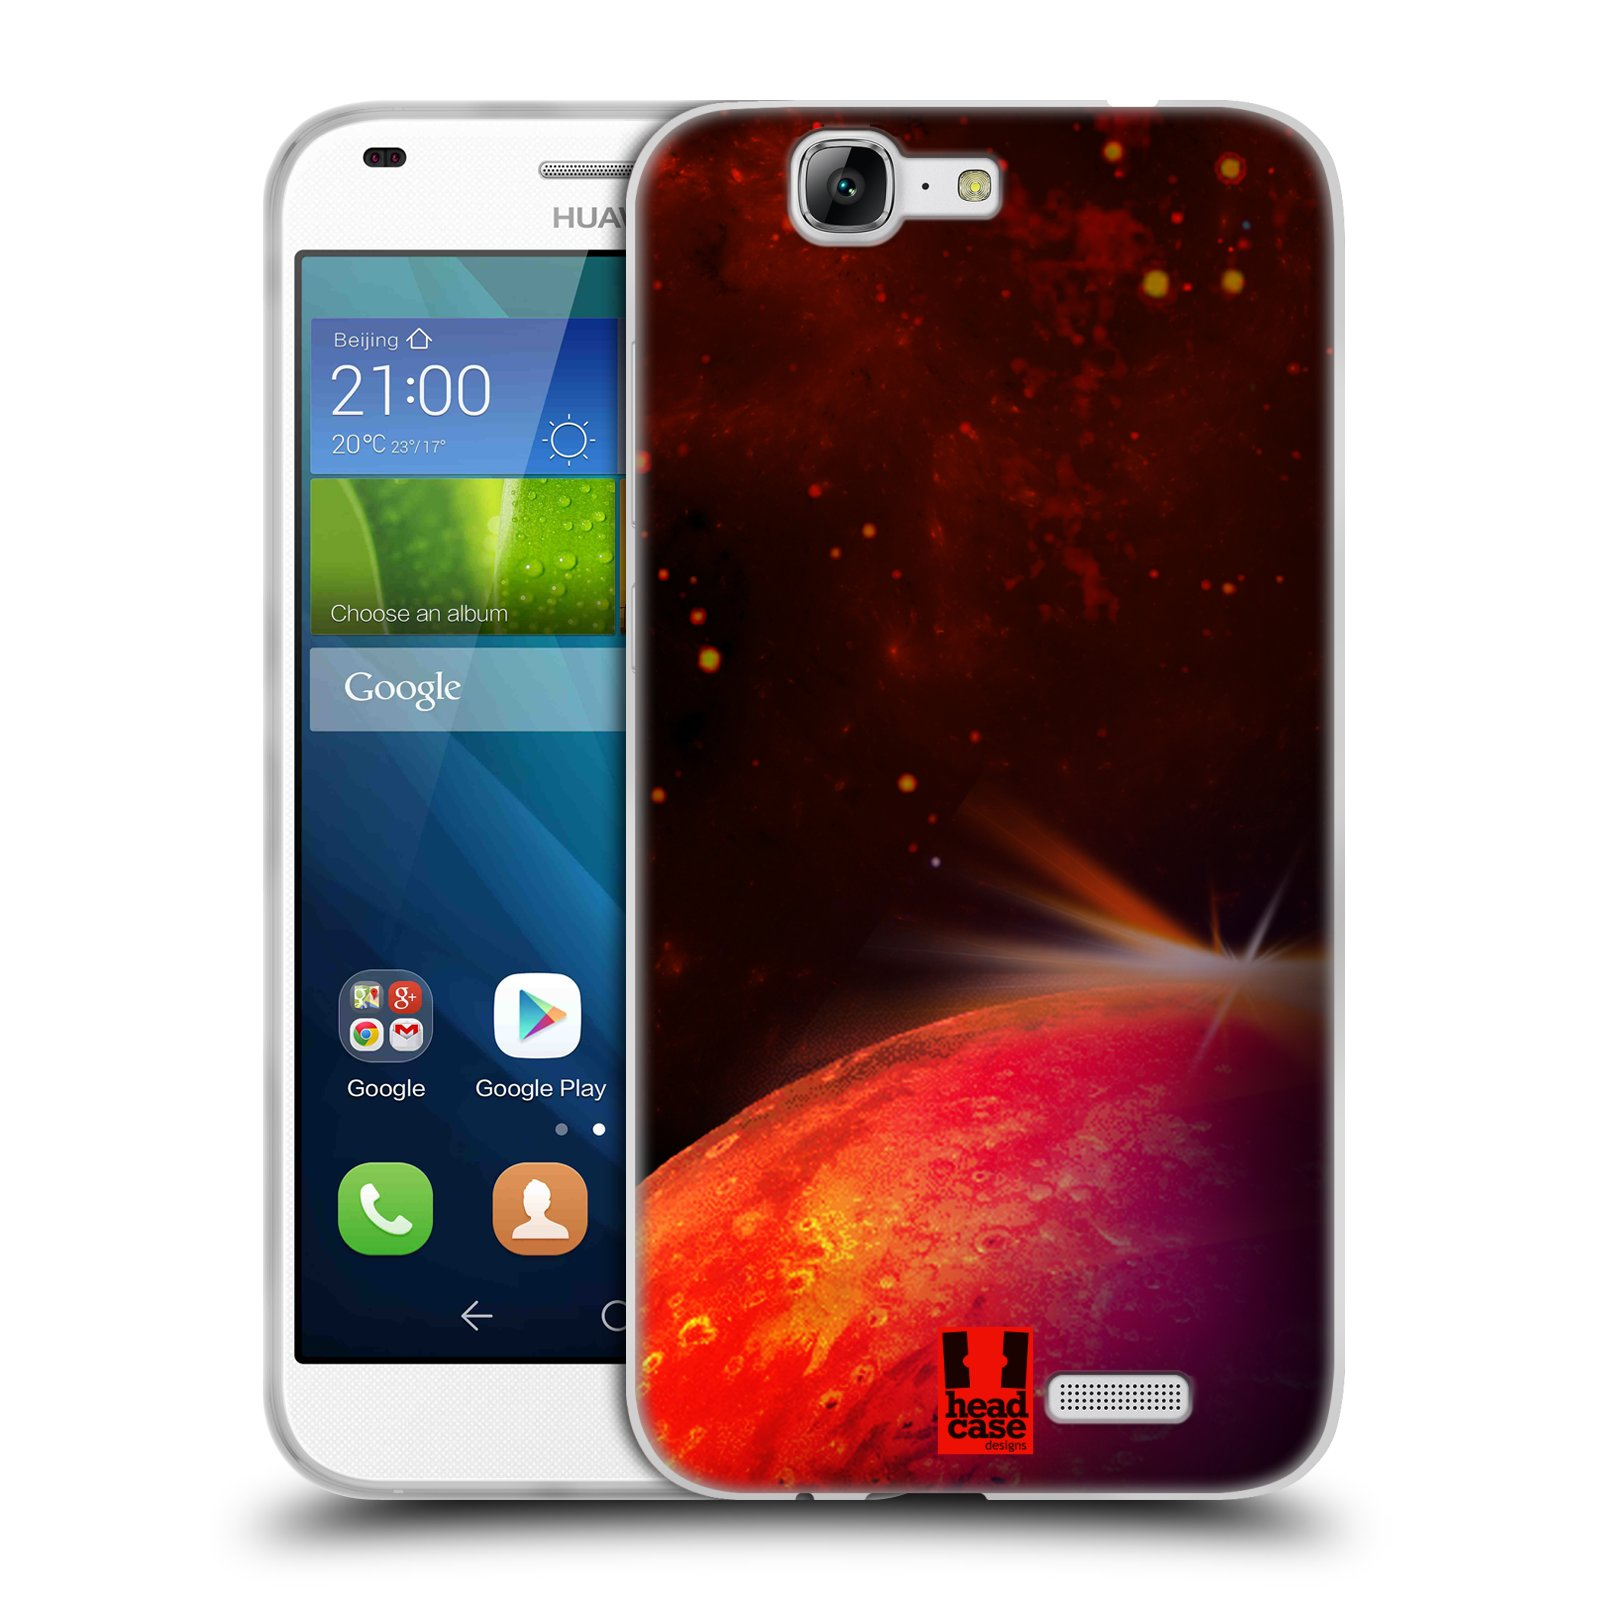 Silikonové pouzdro na mobil Huawei Ascend G7 HEAD CASE MARS (Silikonový kryt či obal na mobilní telefon Huawei Ascend G7)